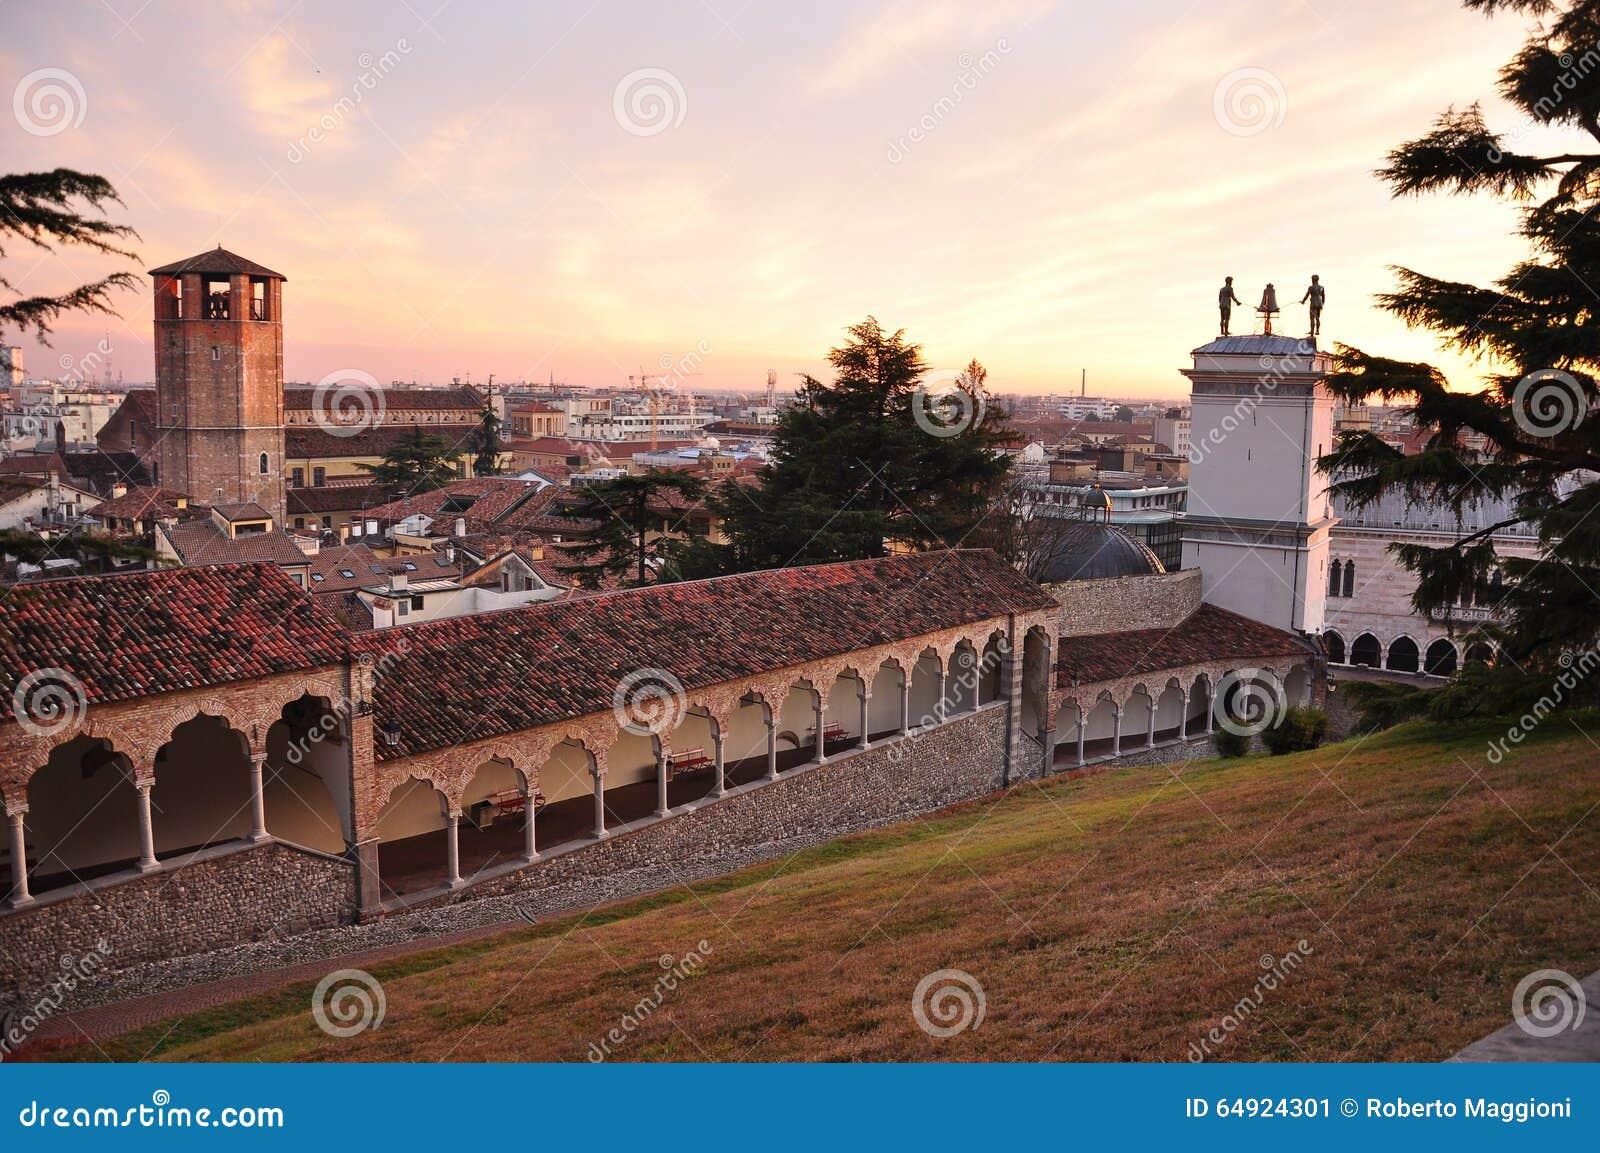 Udine friuli venezia giulia italia porticoes di for Progettazione giardini friuli venezia giulia